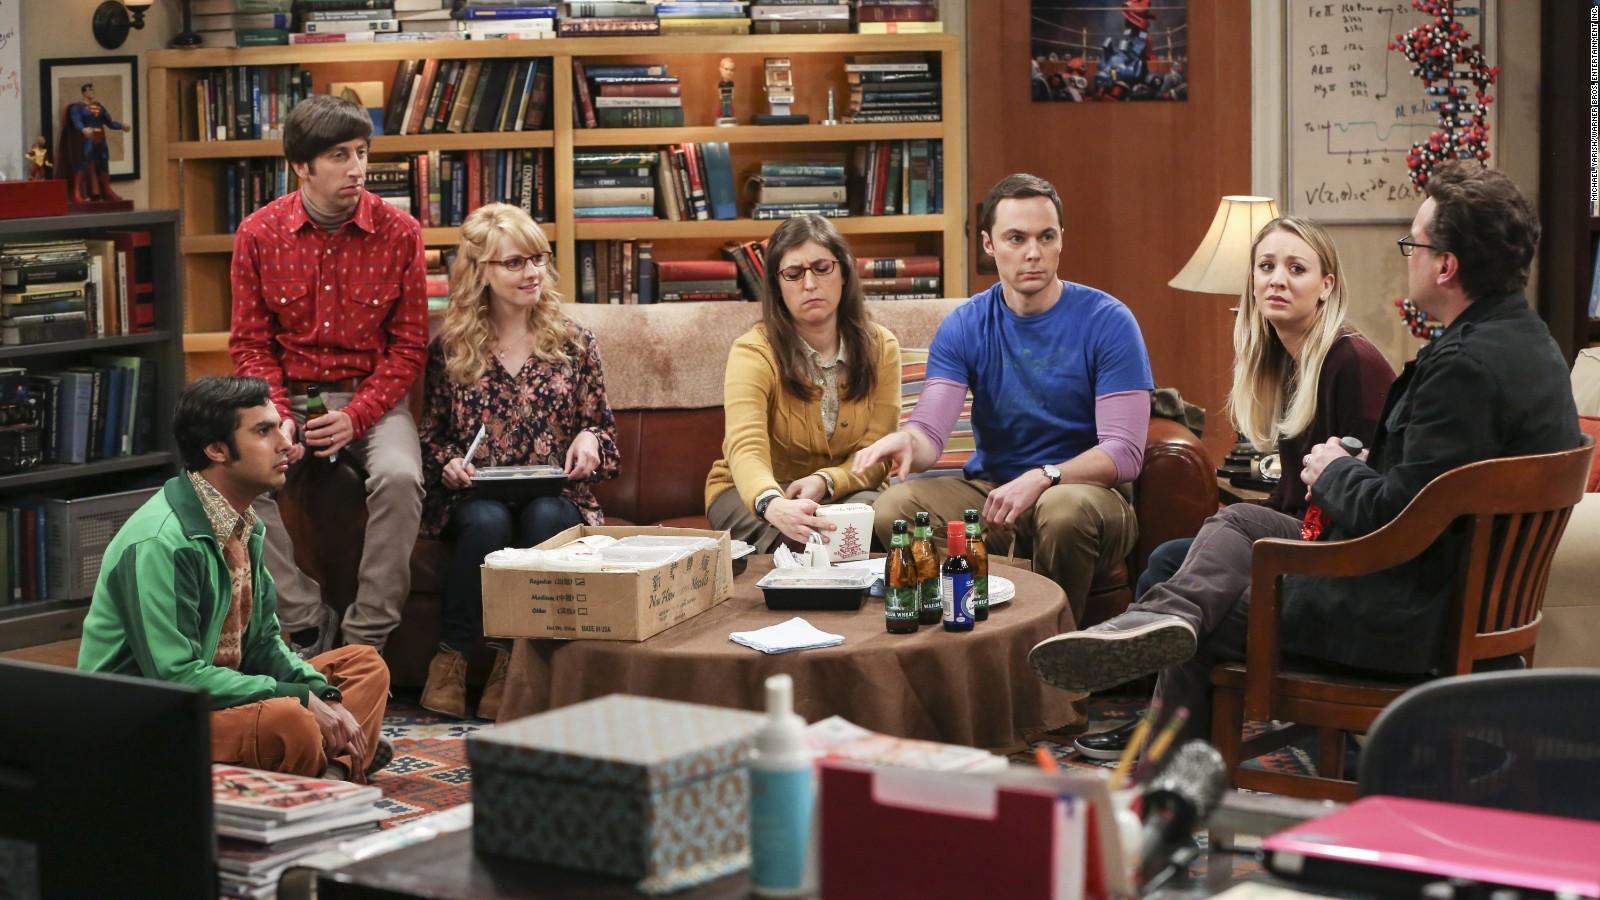 The Big Bang Theory, Teoria wielkiego podrywu, sezon 12, ostatni sezon, CBS, serial, recenzja, HBO GO, najlepsze seriale, najgorsze seriale, maj 2019, Sheldon, Amy, Bernadette, Penny, Leonard, Howard, Raj